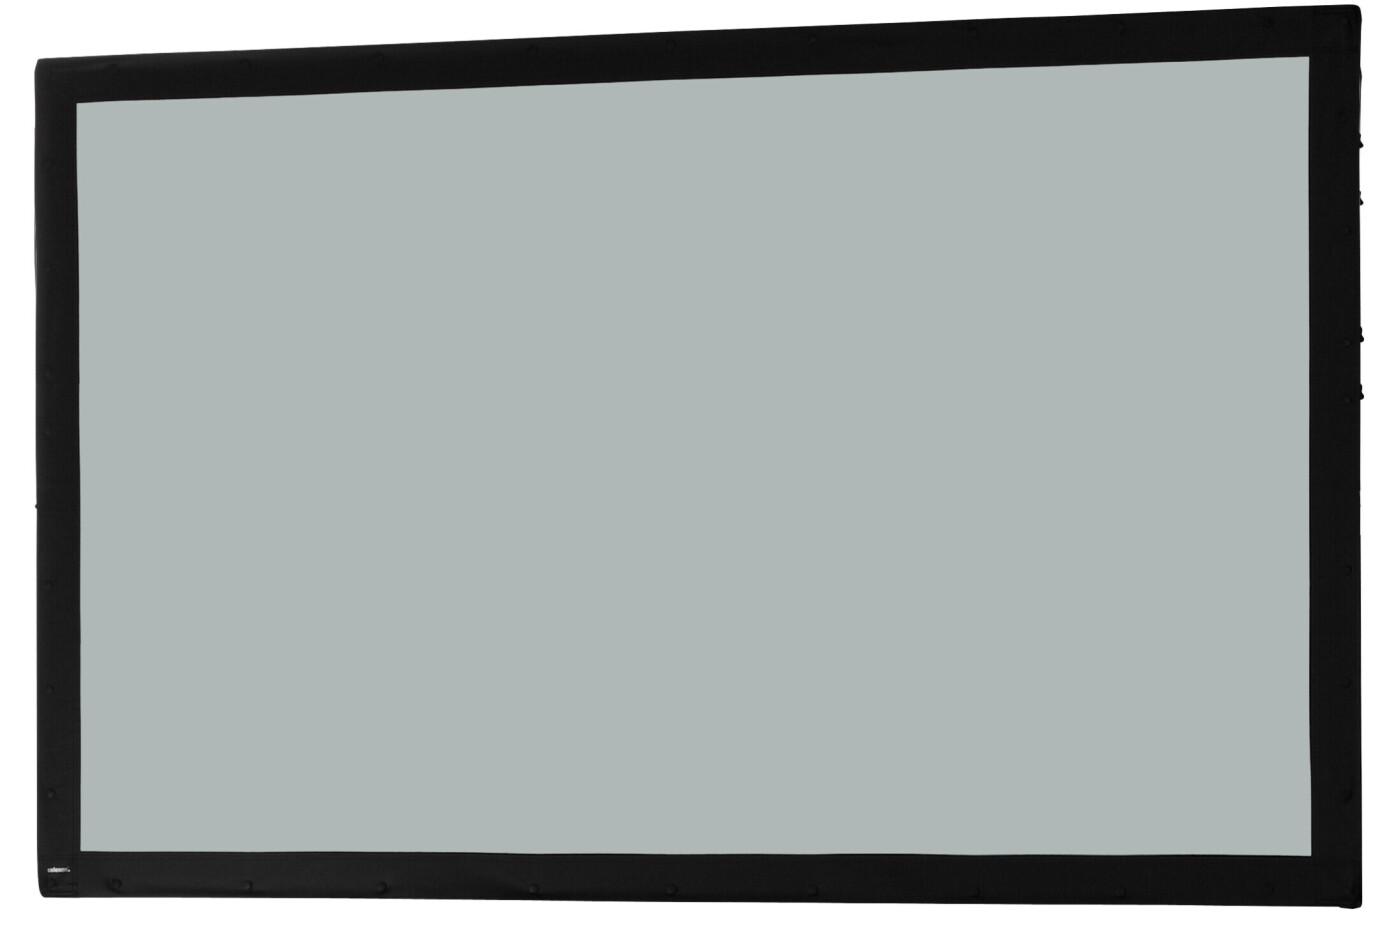 Toile 305 x 190 cm - Rétroprojection pour Ecran de projection sur Cadre celexon